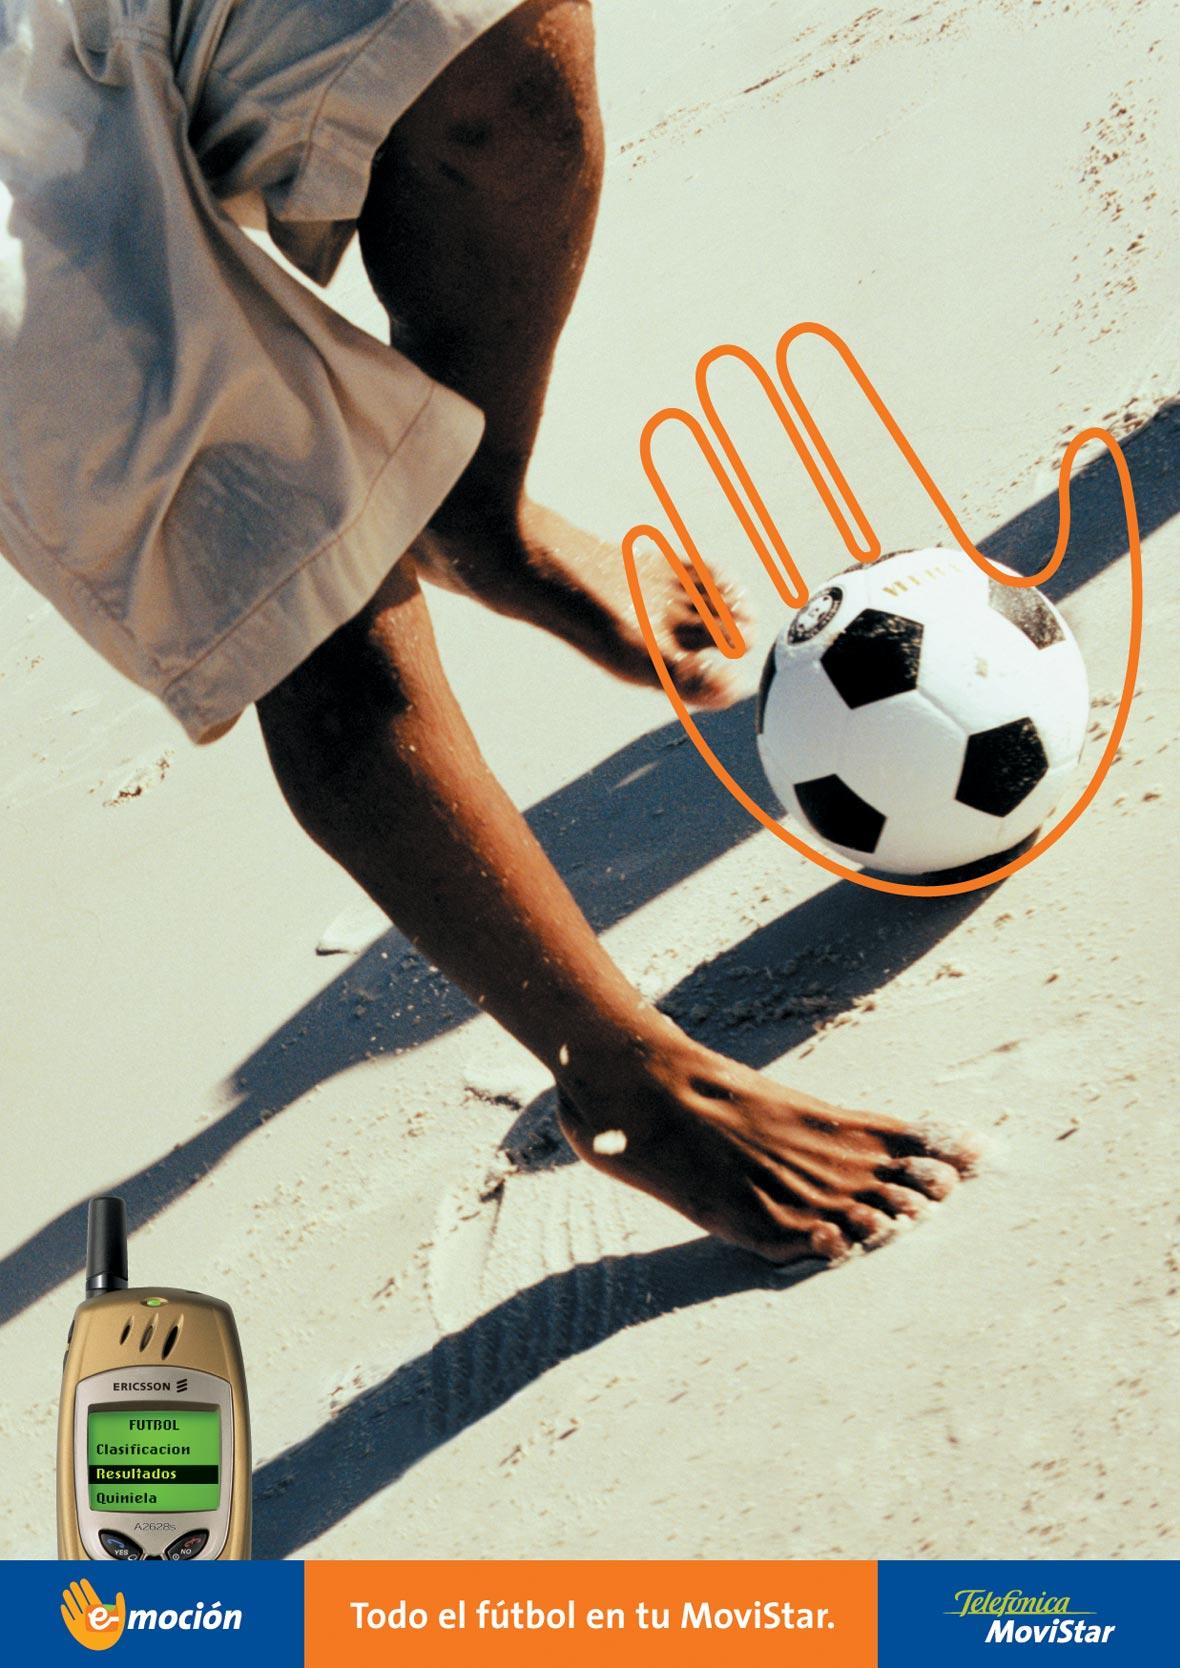 Movistar e-mocion - Deportes